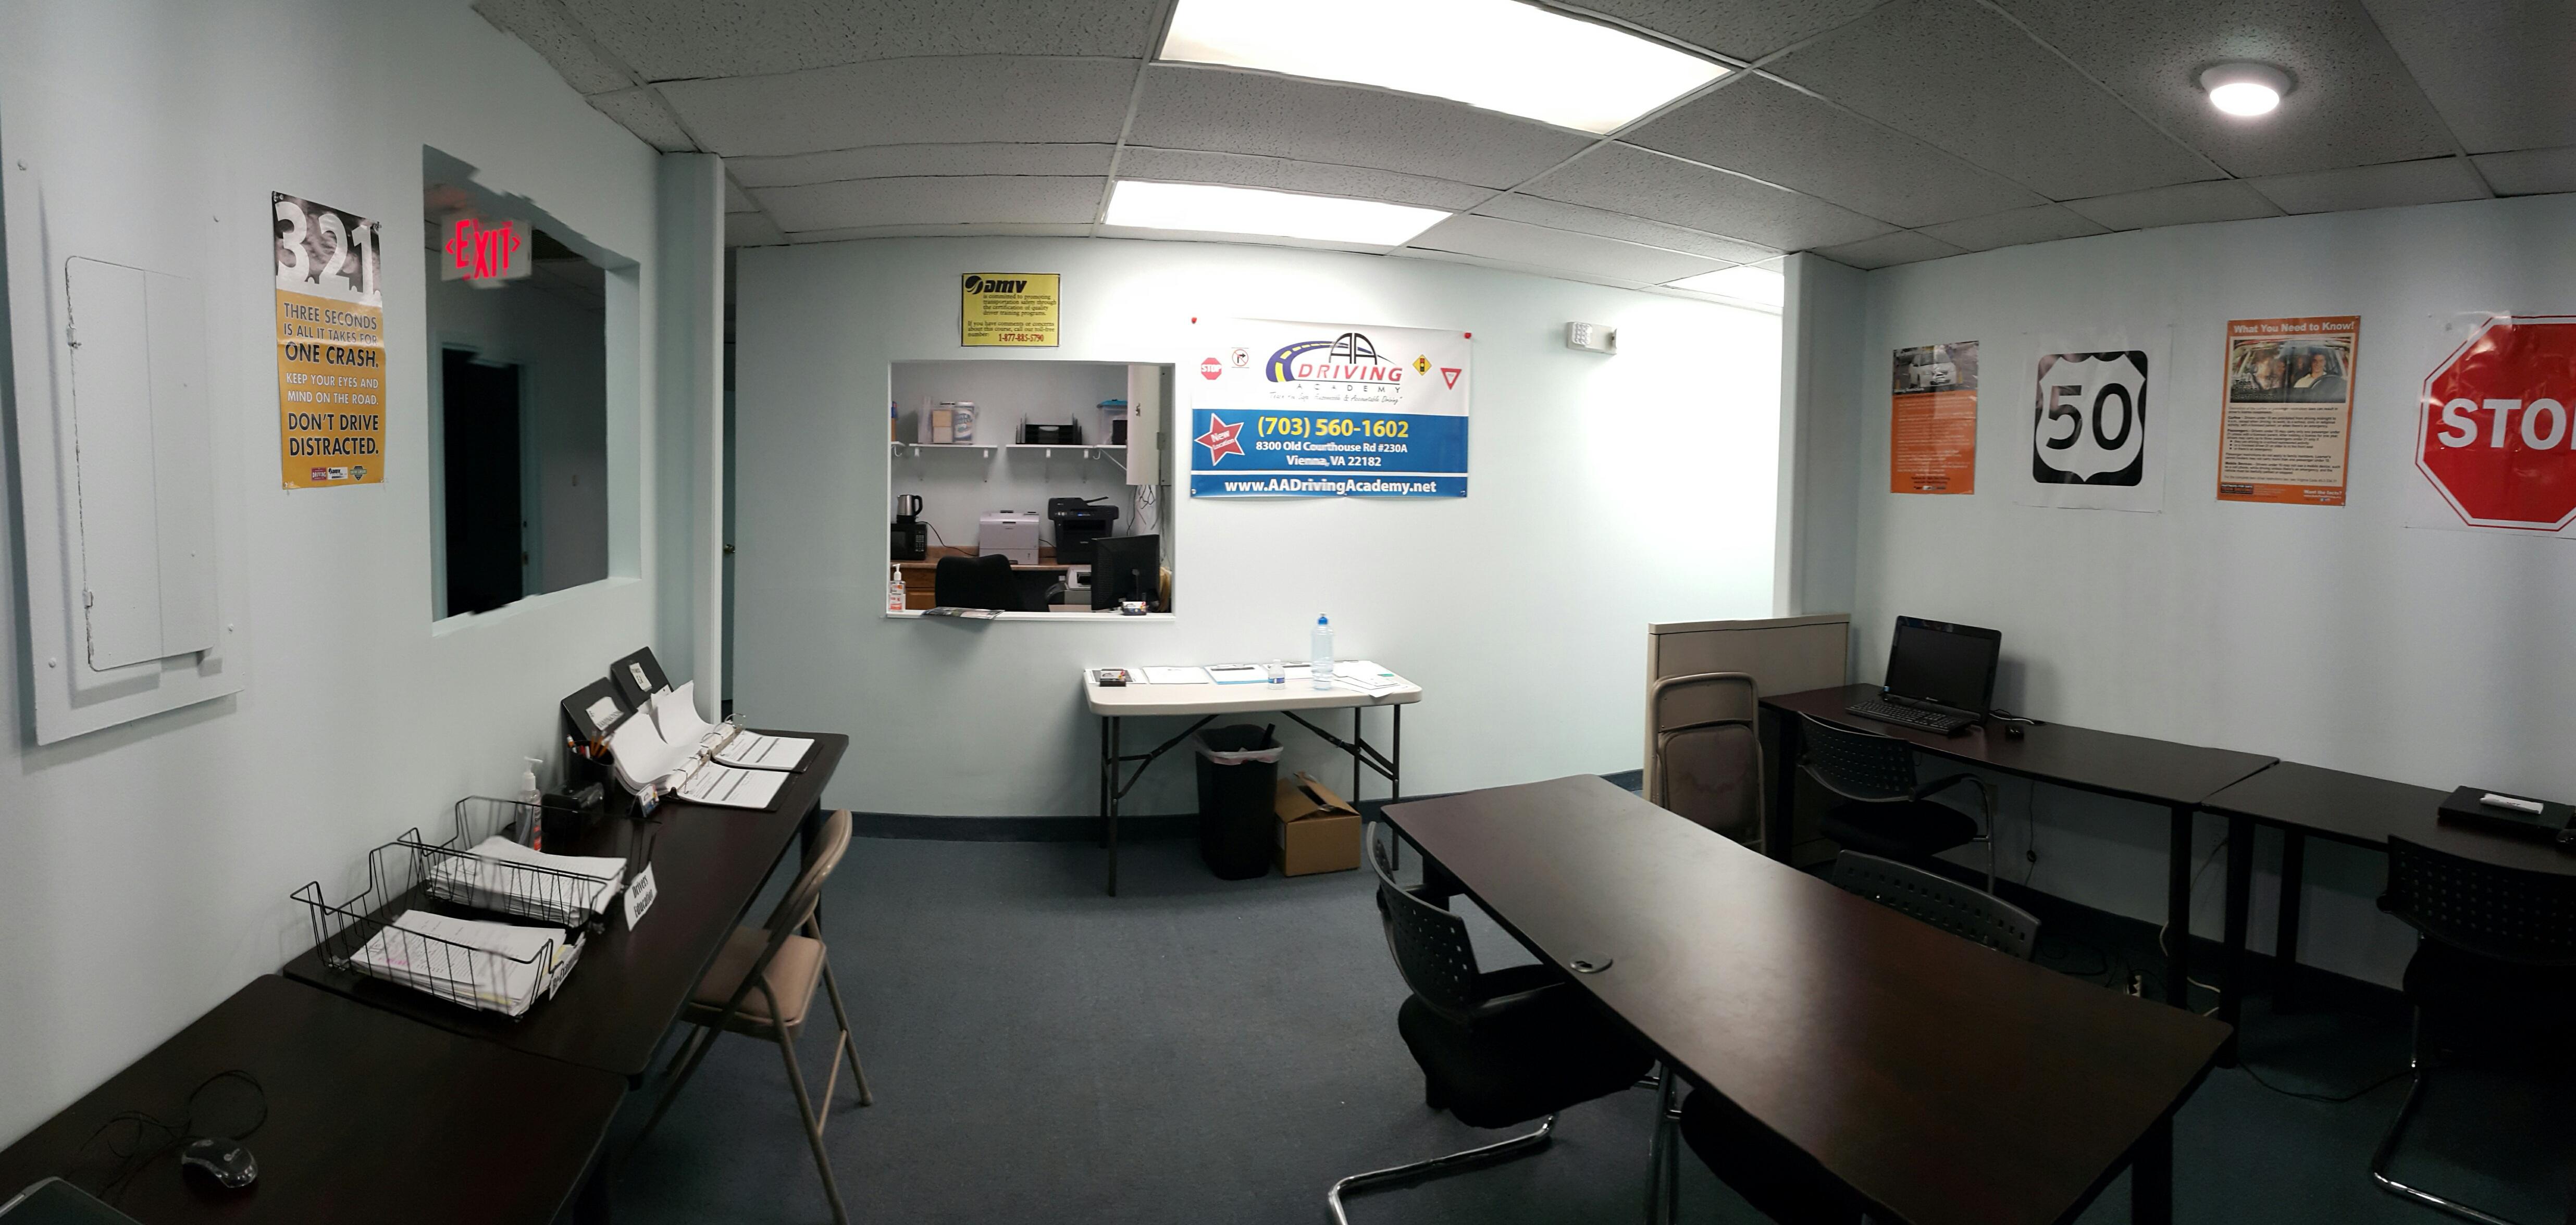 AA Driving Academy, Inc. image 6